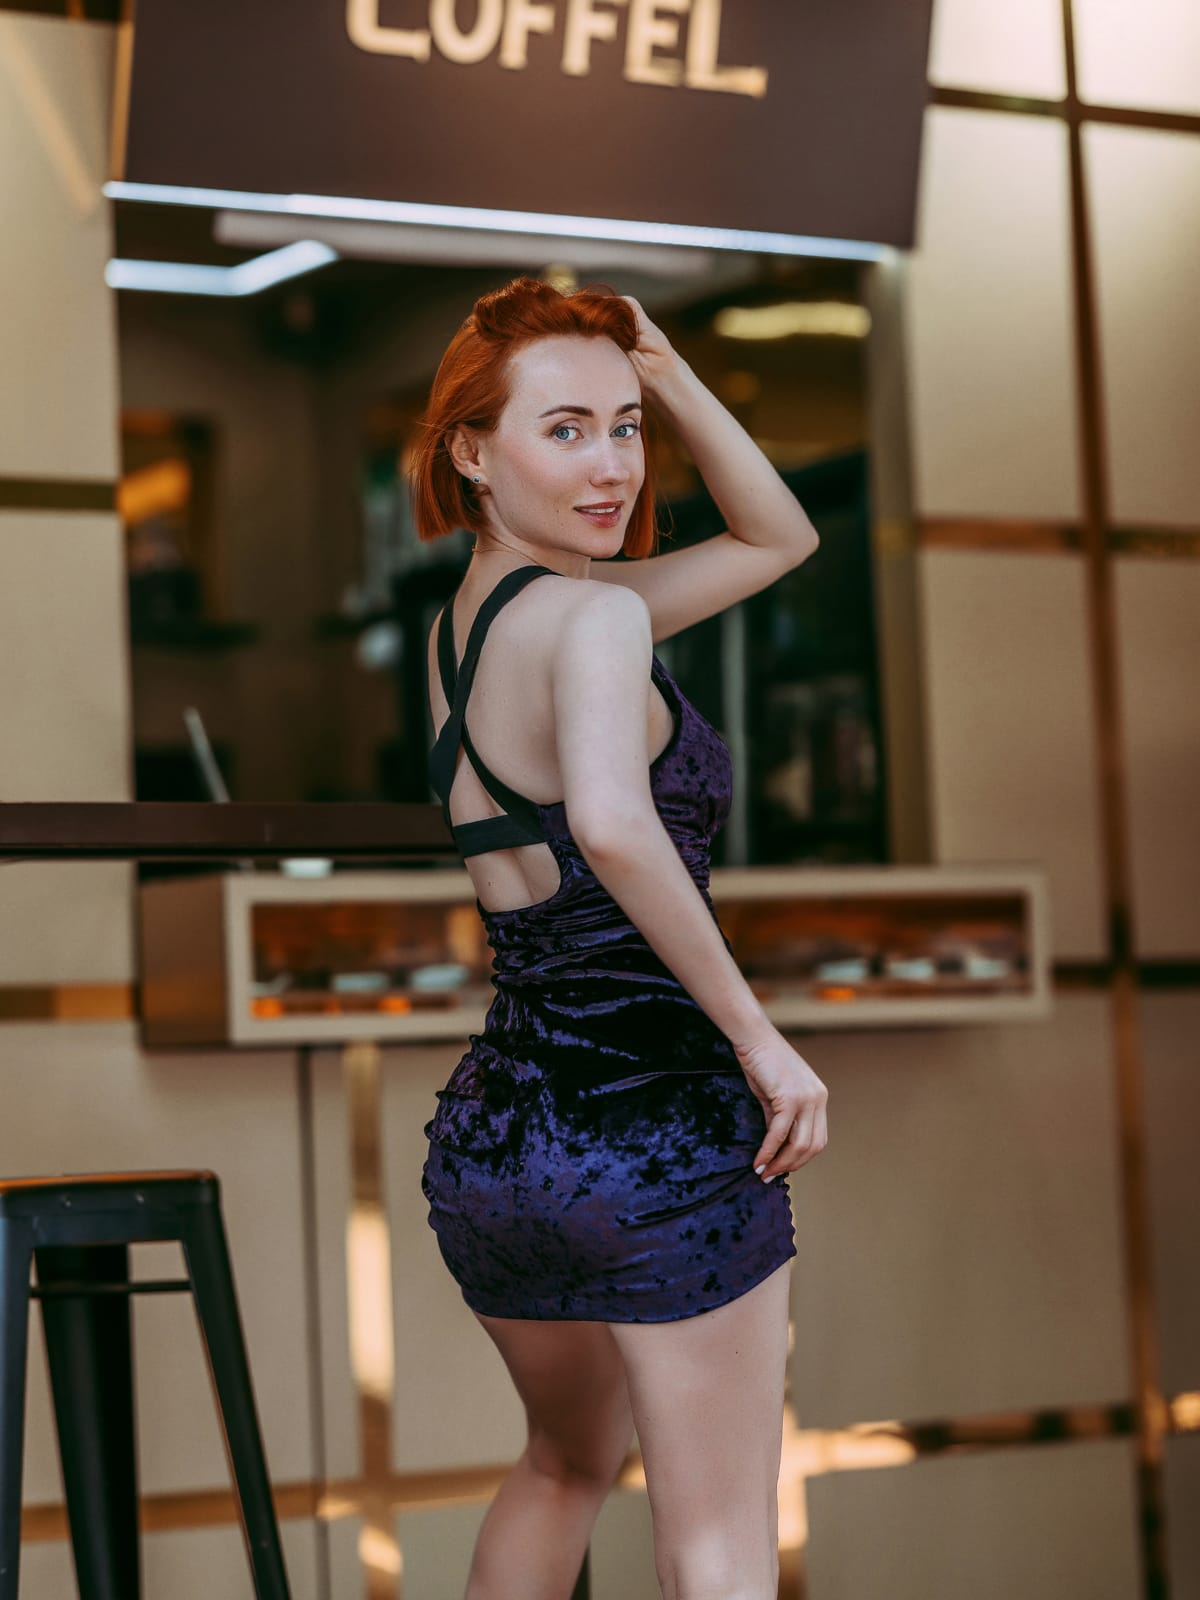 כריסטינה בת 28 בתל אביב